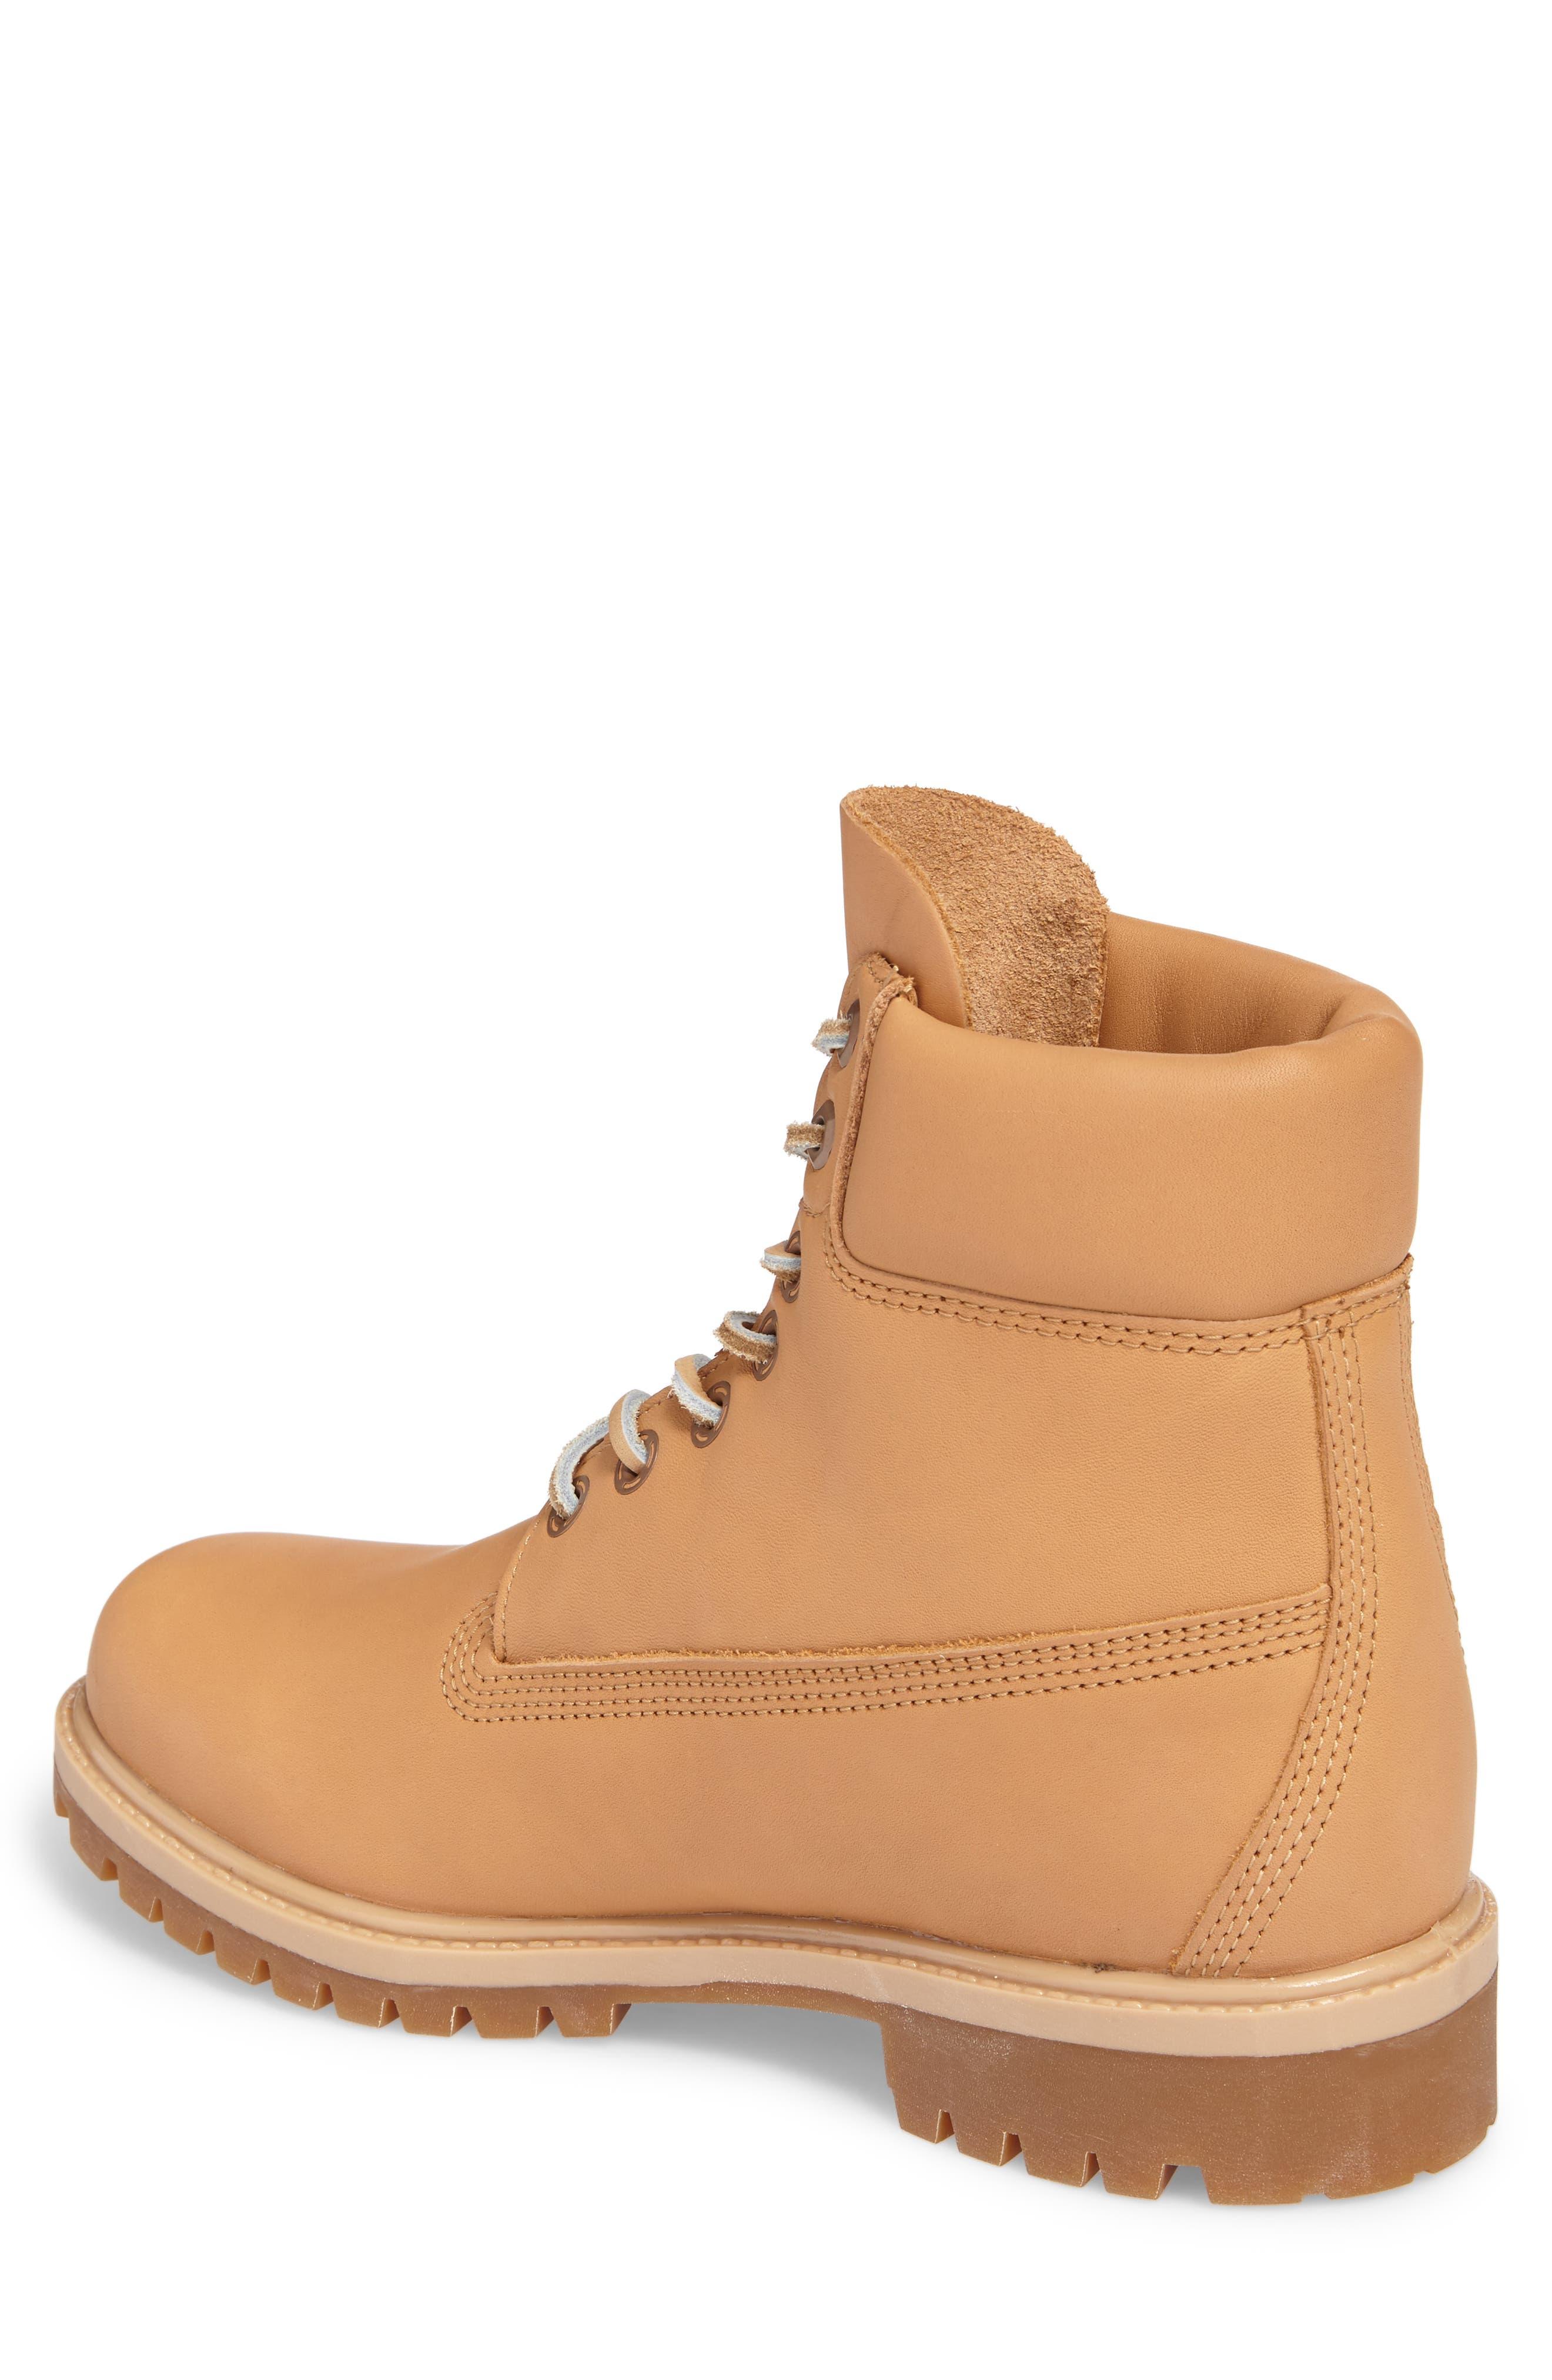 Premium Waterproof Plain Toe Boot,                             Alternate thumbnail 2, color,                             204